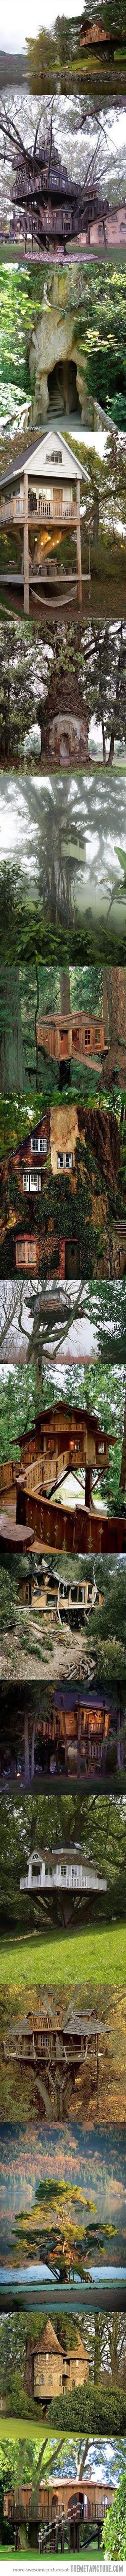 Kuka talossa asuu? Kirjoitusharjoitus/ tarinan ideakuva Viidakon kutsun heimo-tehtävän virittäjäksi?